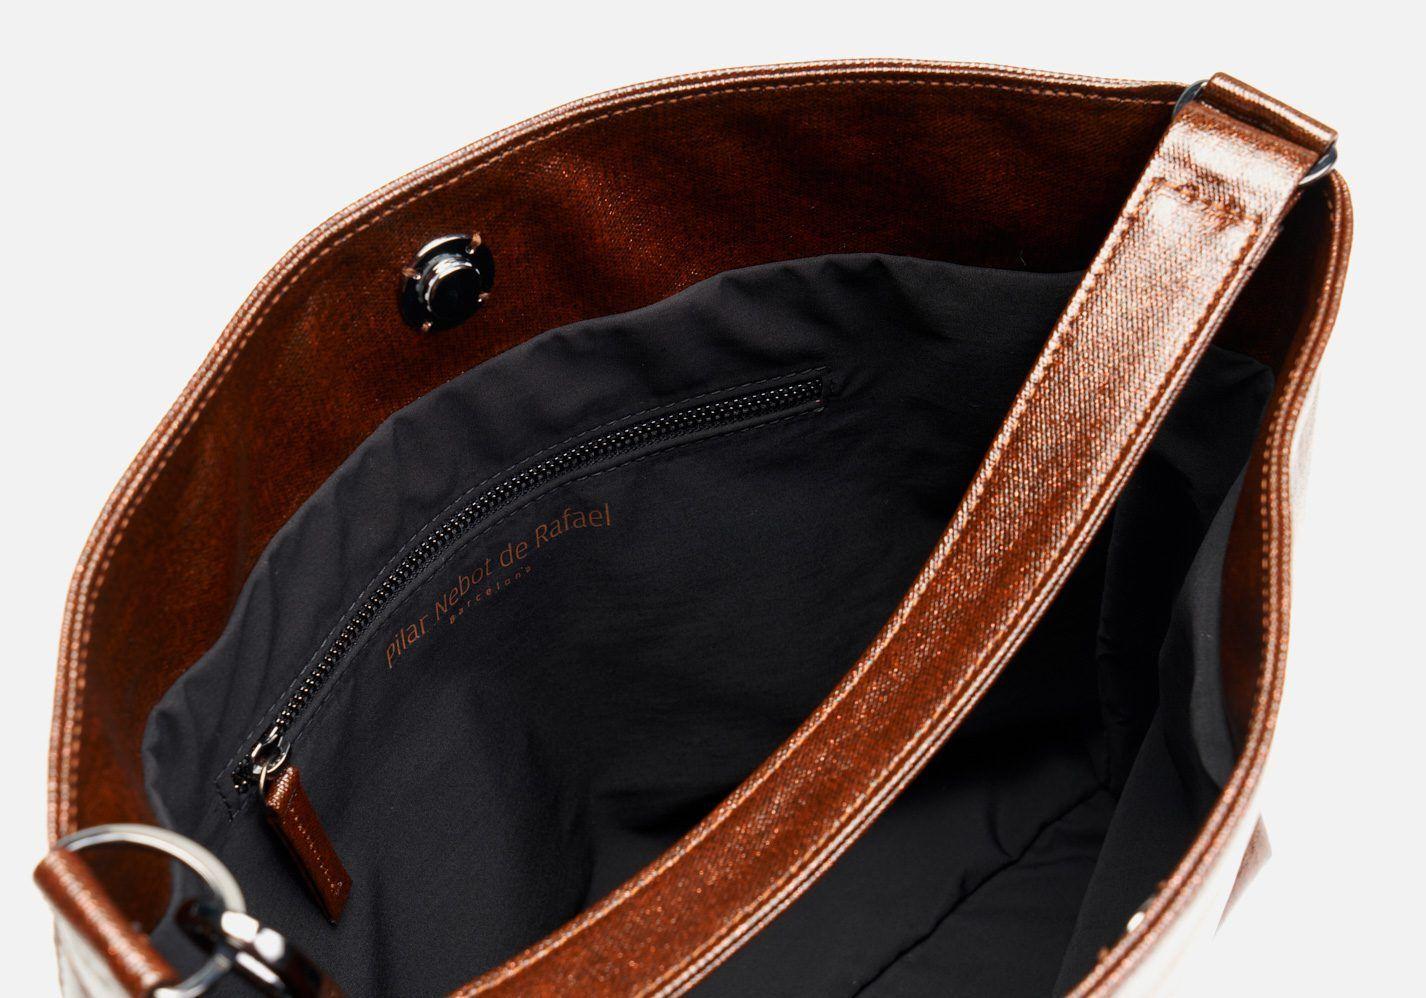 Bolso en tejido laminado con aspecto metalizado – Detalle modelo Beethoven en color vicuña